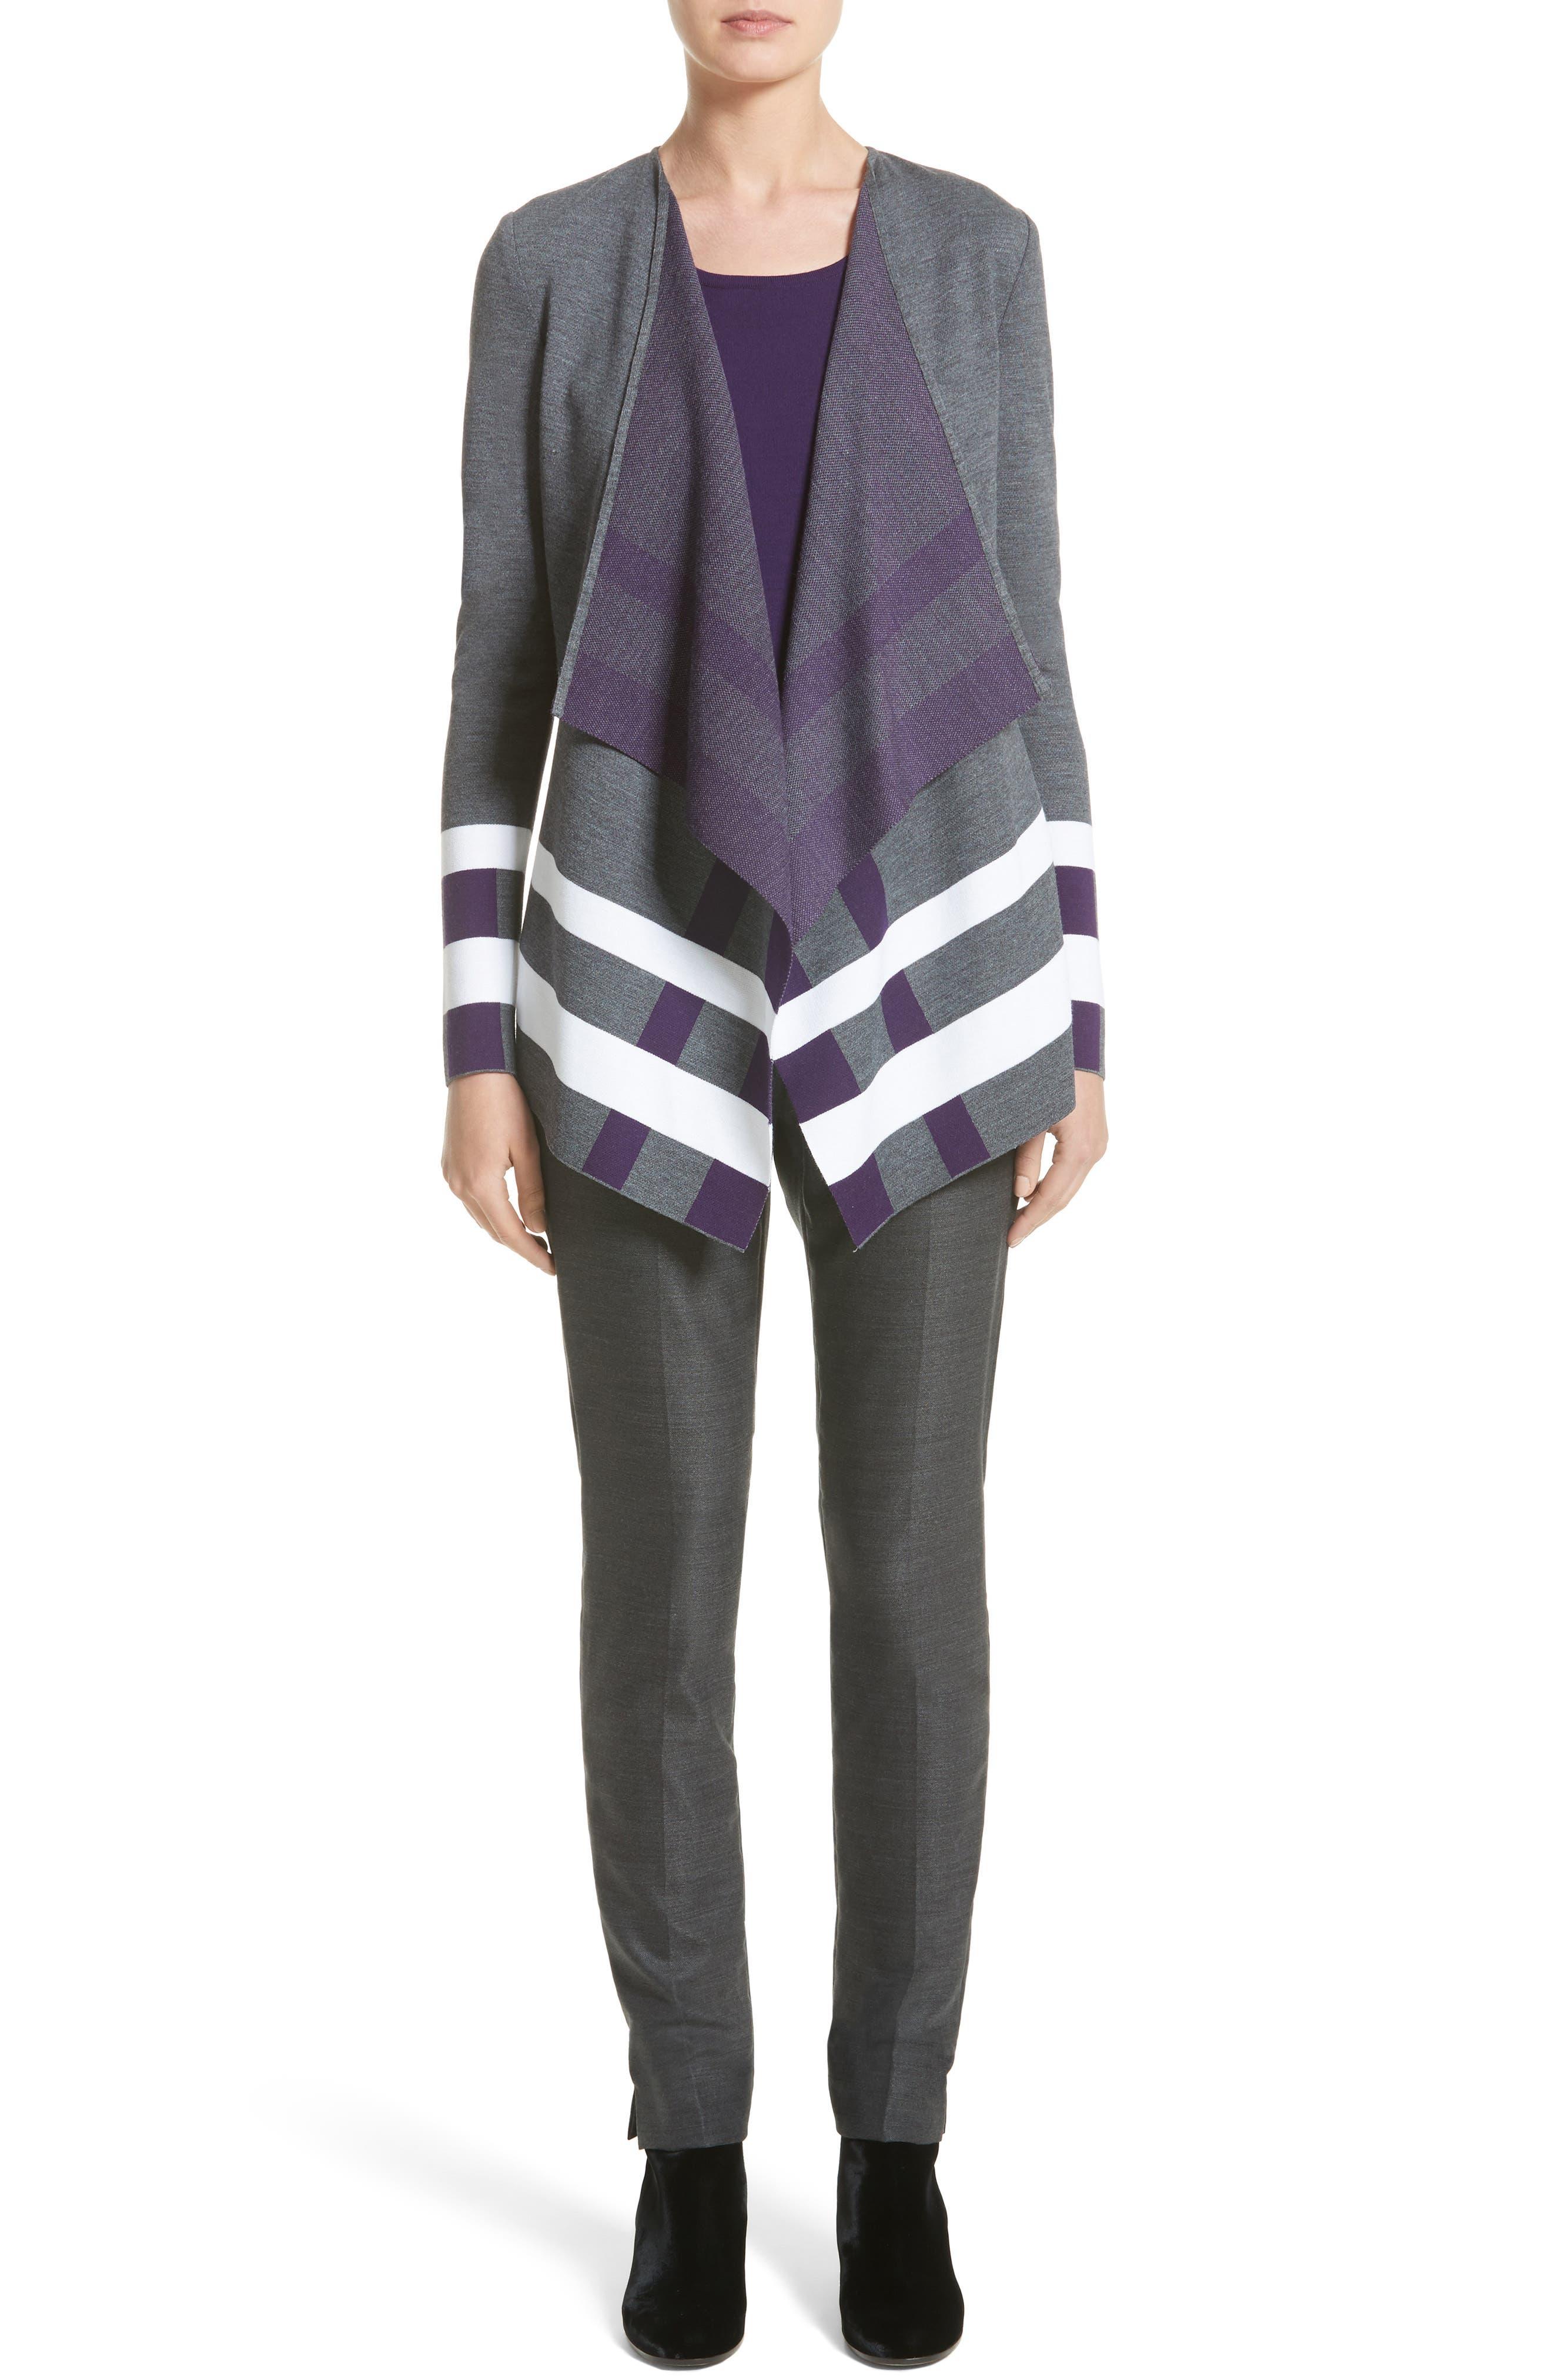 Milano Knit Jacquard Drape Front Jacket,                             Alternate thumbnail 6, color,                             030